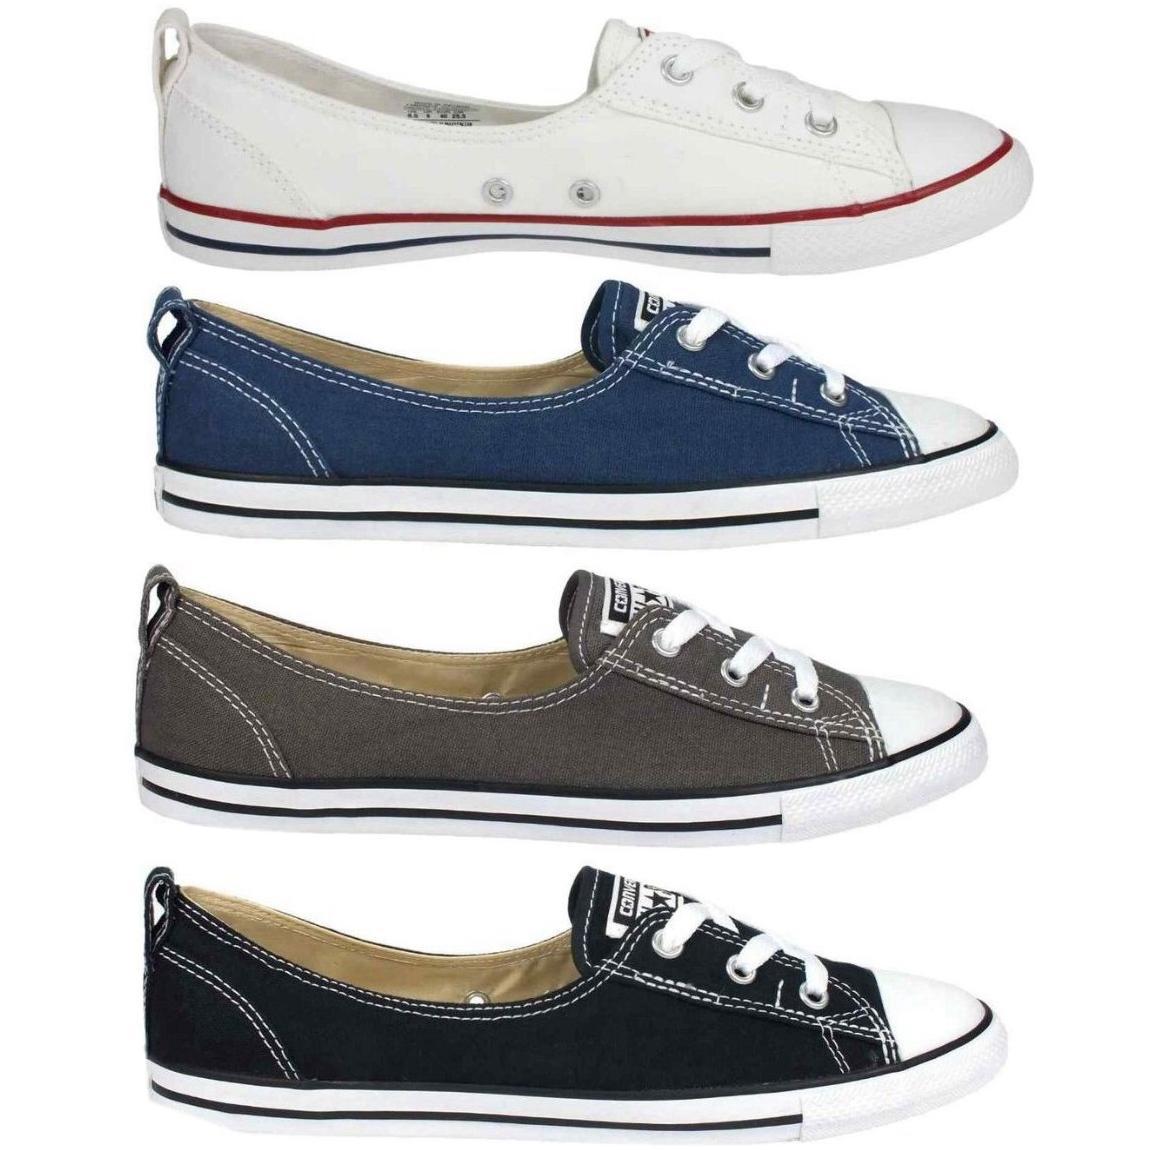 aefdd1c3c8d071 Converse Chuck Taylor All Star Ballet Lace Schuhe Sneaker Ballerinas ...